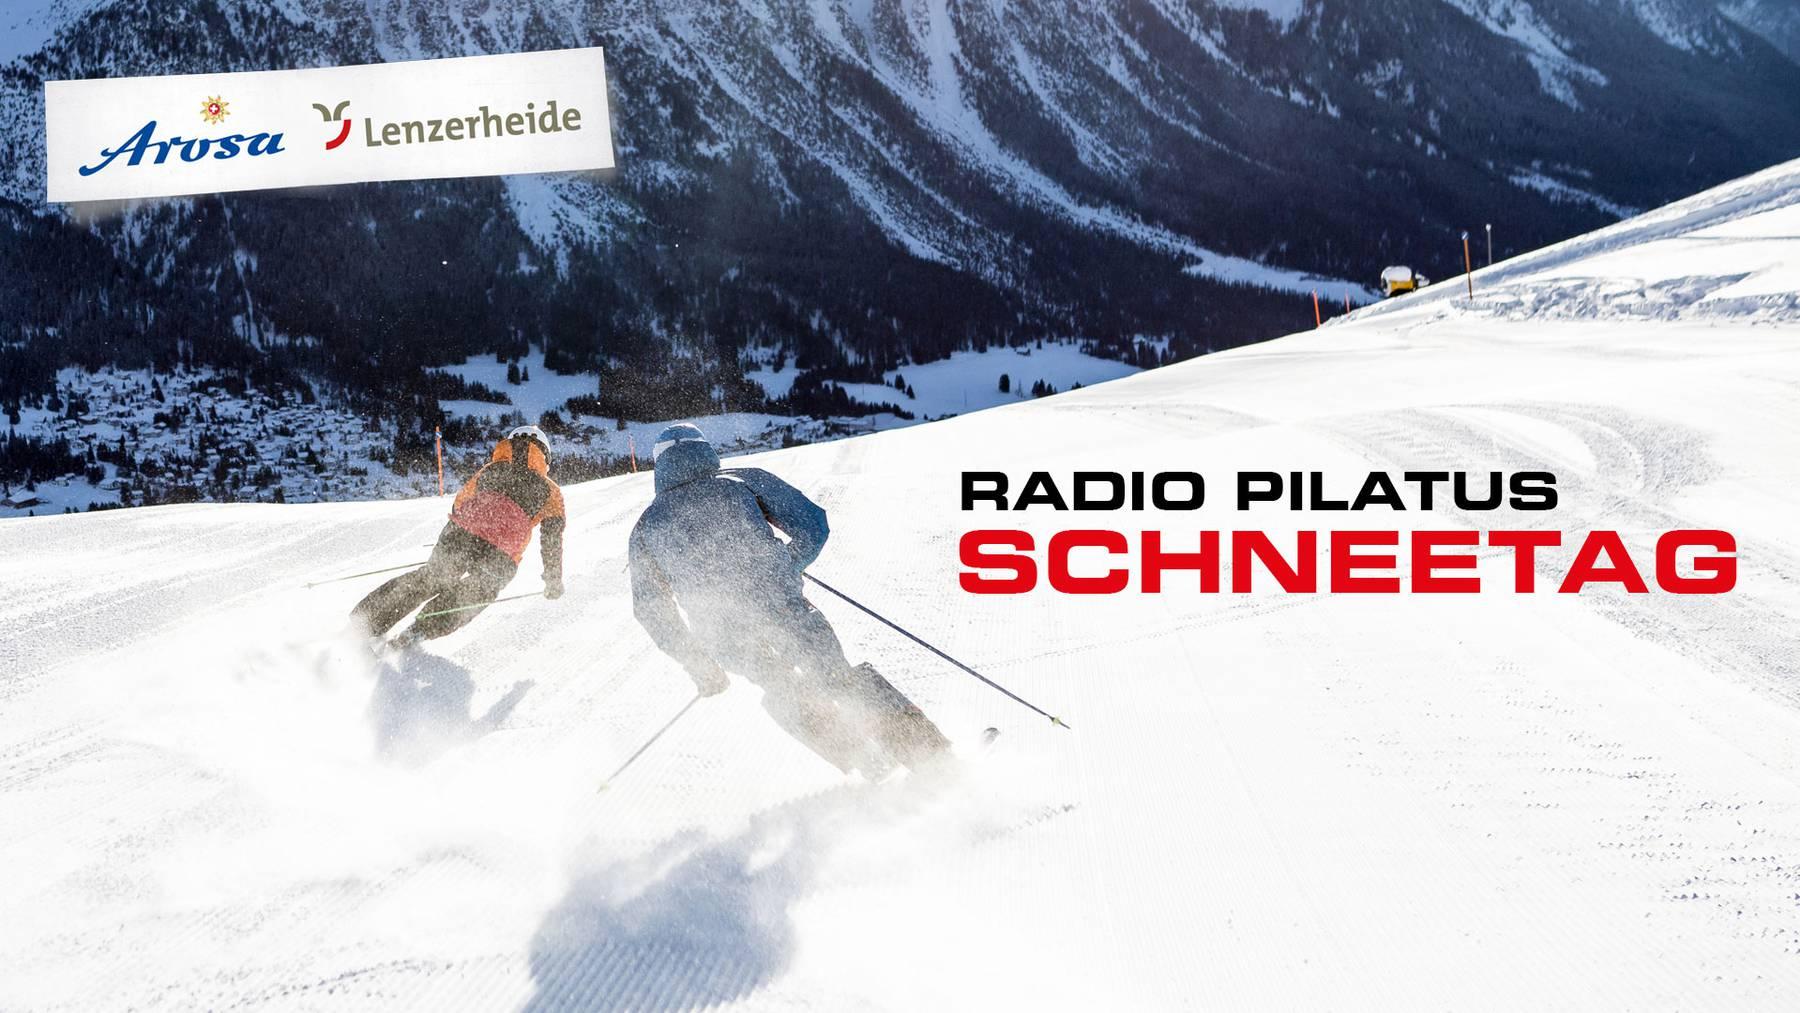 Radio Pilatus Schneetag Lenzerheide 2021